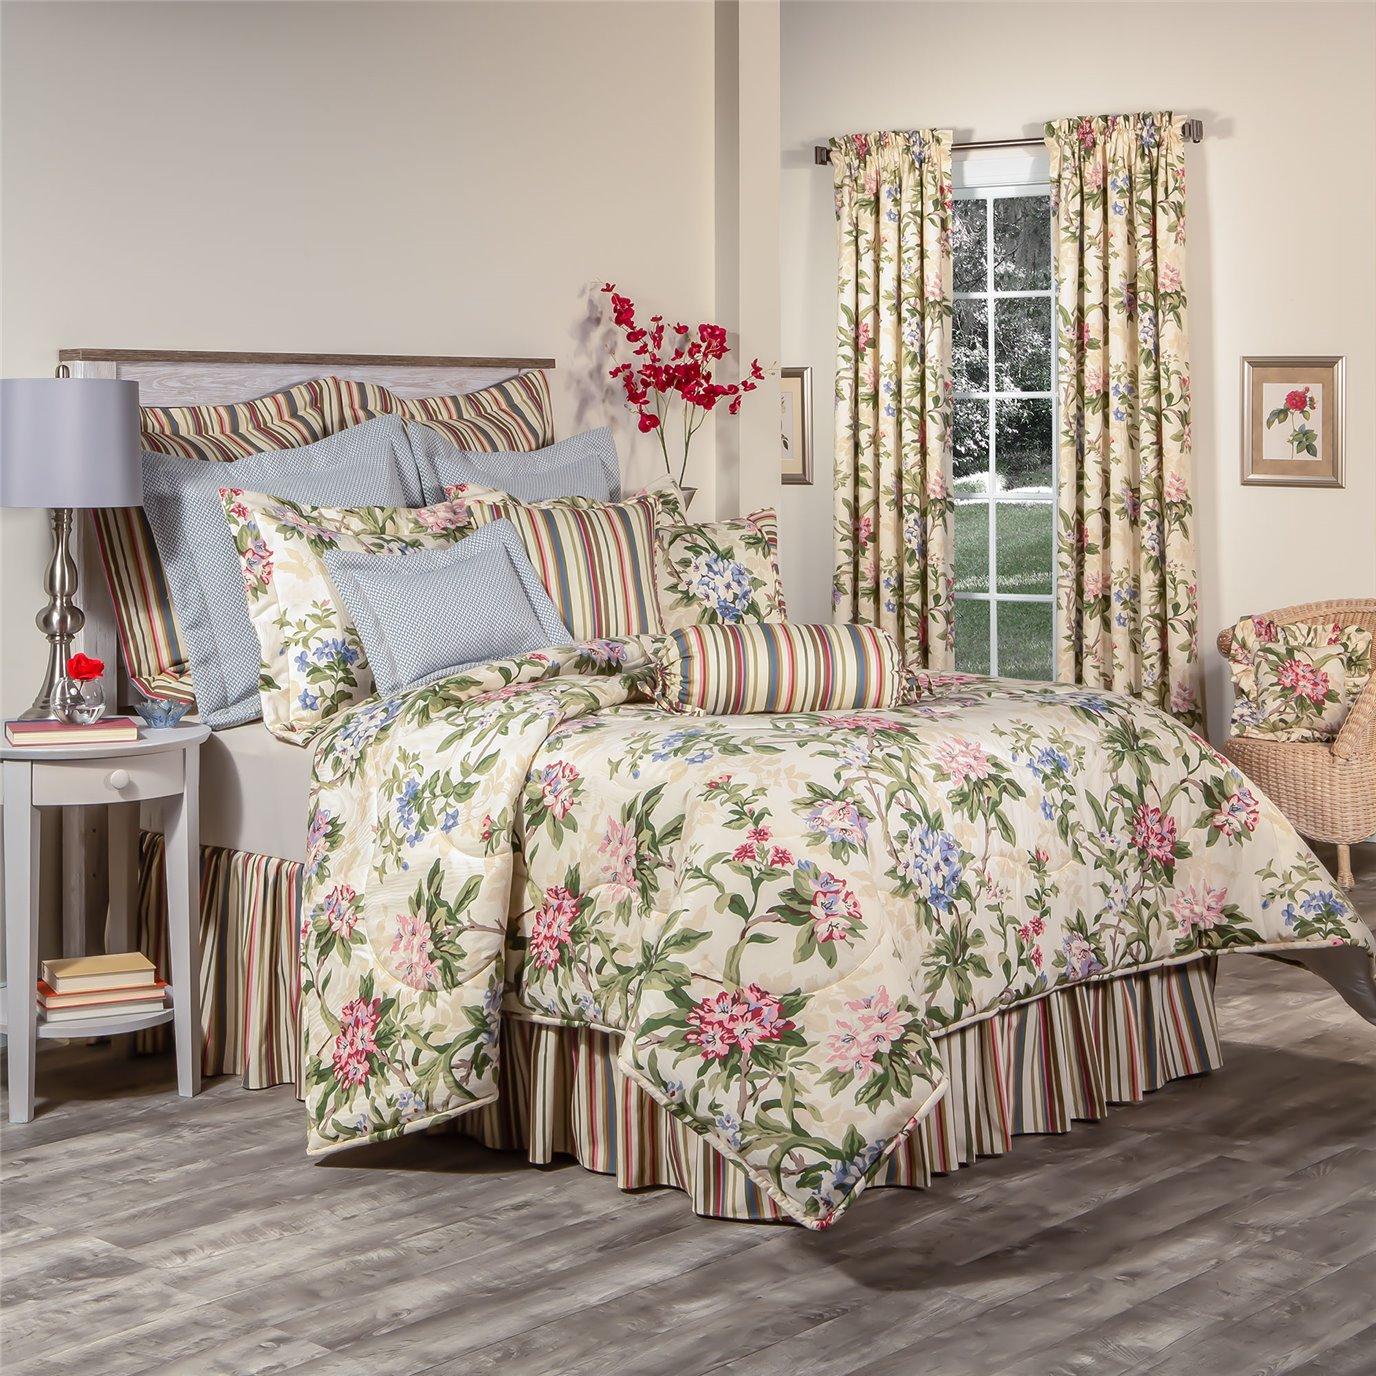 Hillhouse Full Comforter Only